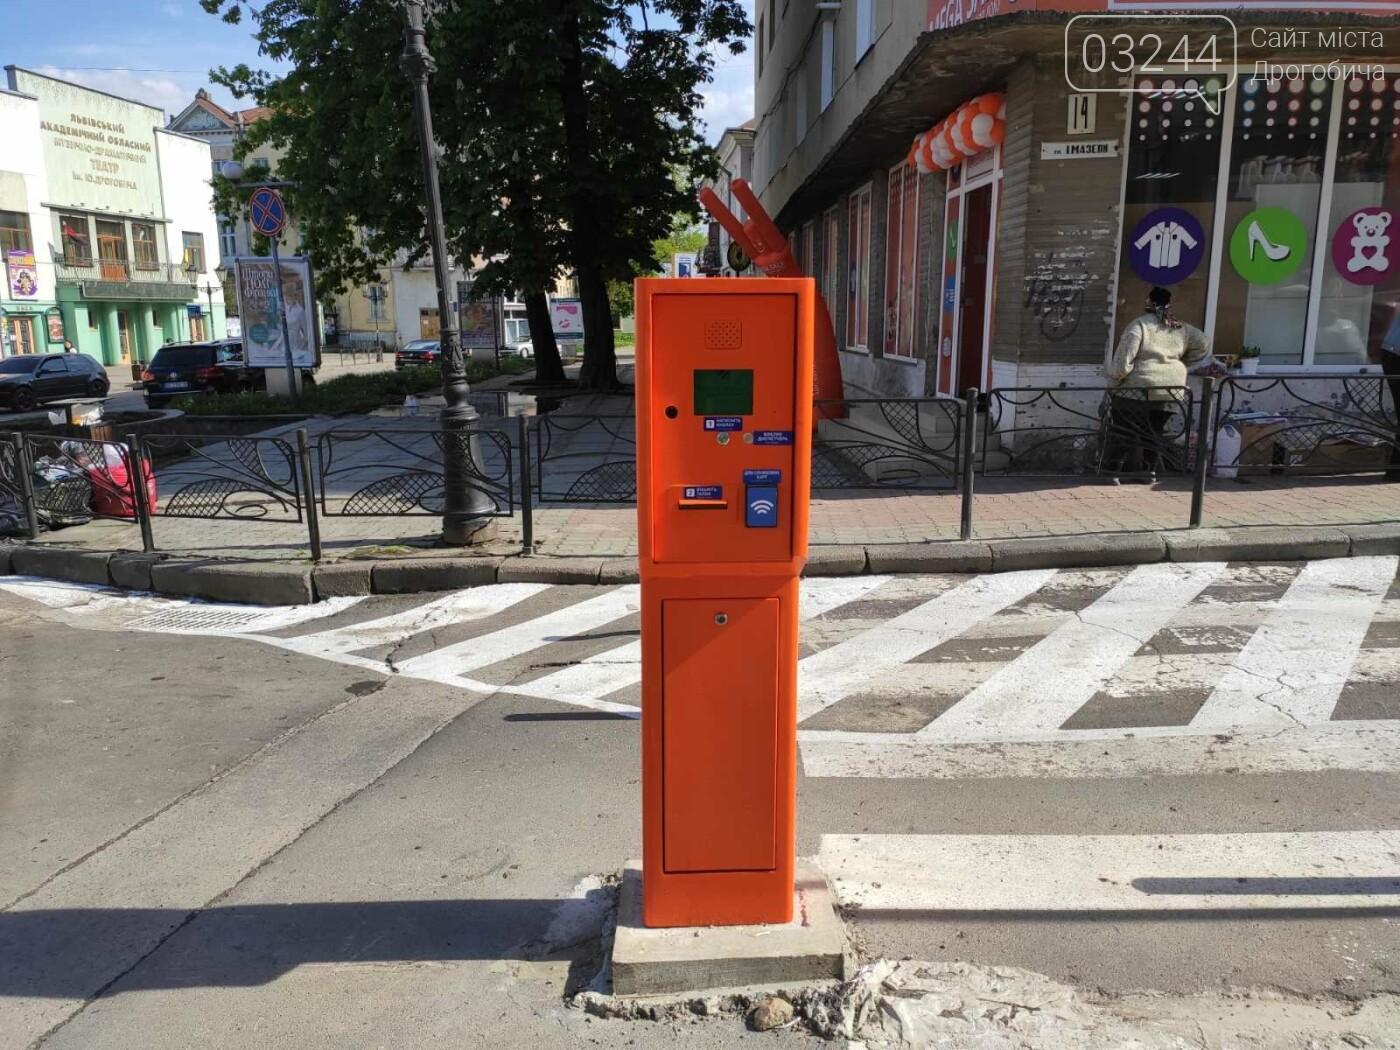 У центрі Дрогобича з понеділка розпочинають тестувати платну систему паркування, фото-3